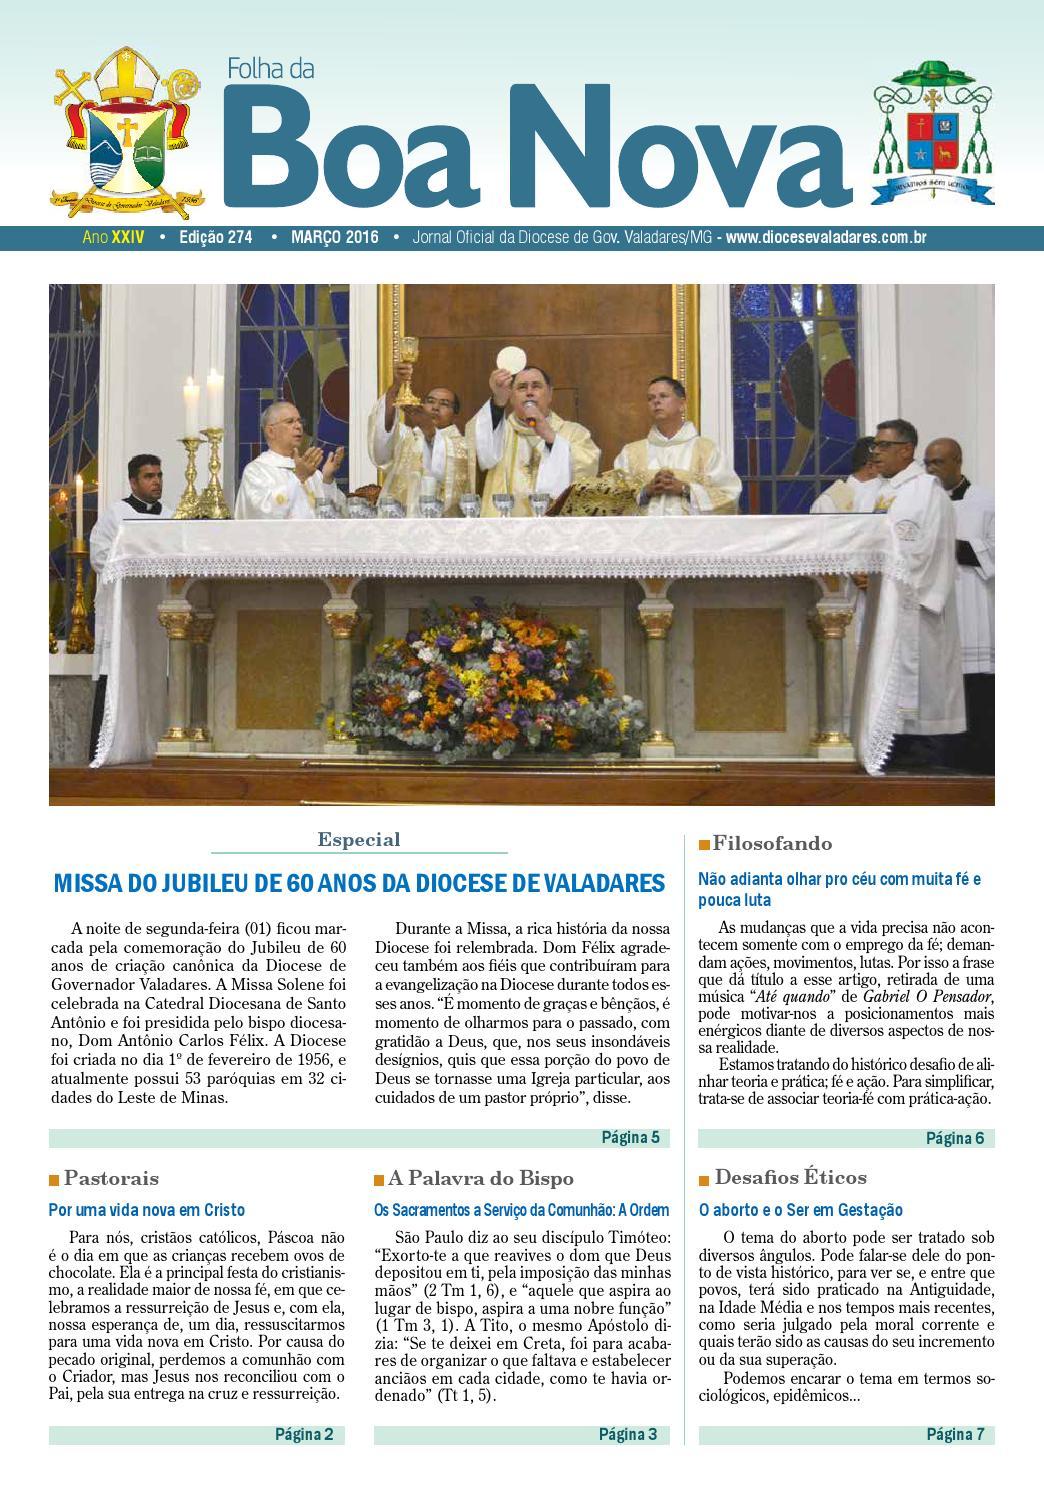 fc6e1c59be8c Folha da Boa Nova Edição 274 Março/2016 by Dicoese de Governador Valadares  - issuu